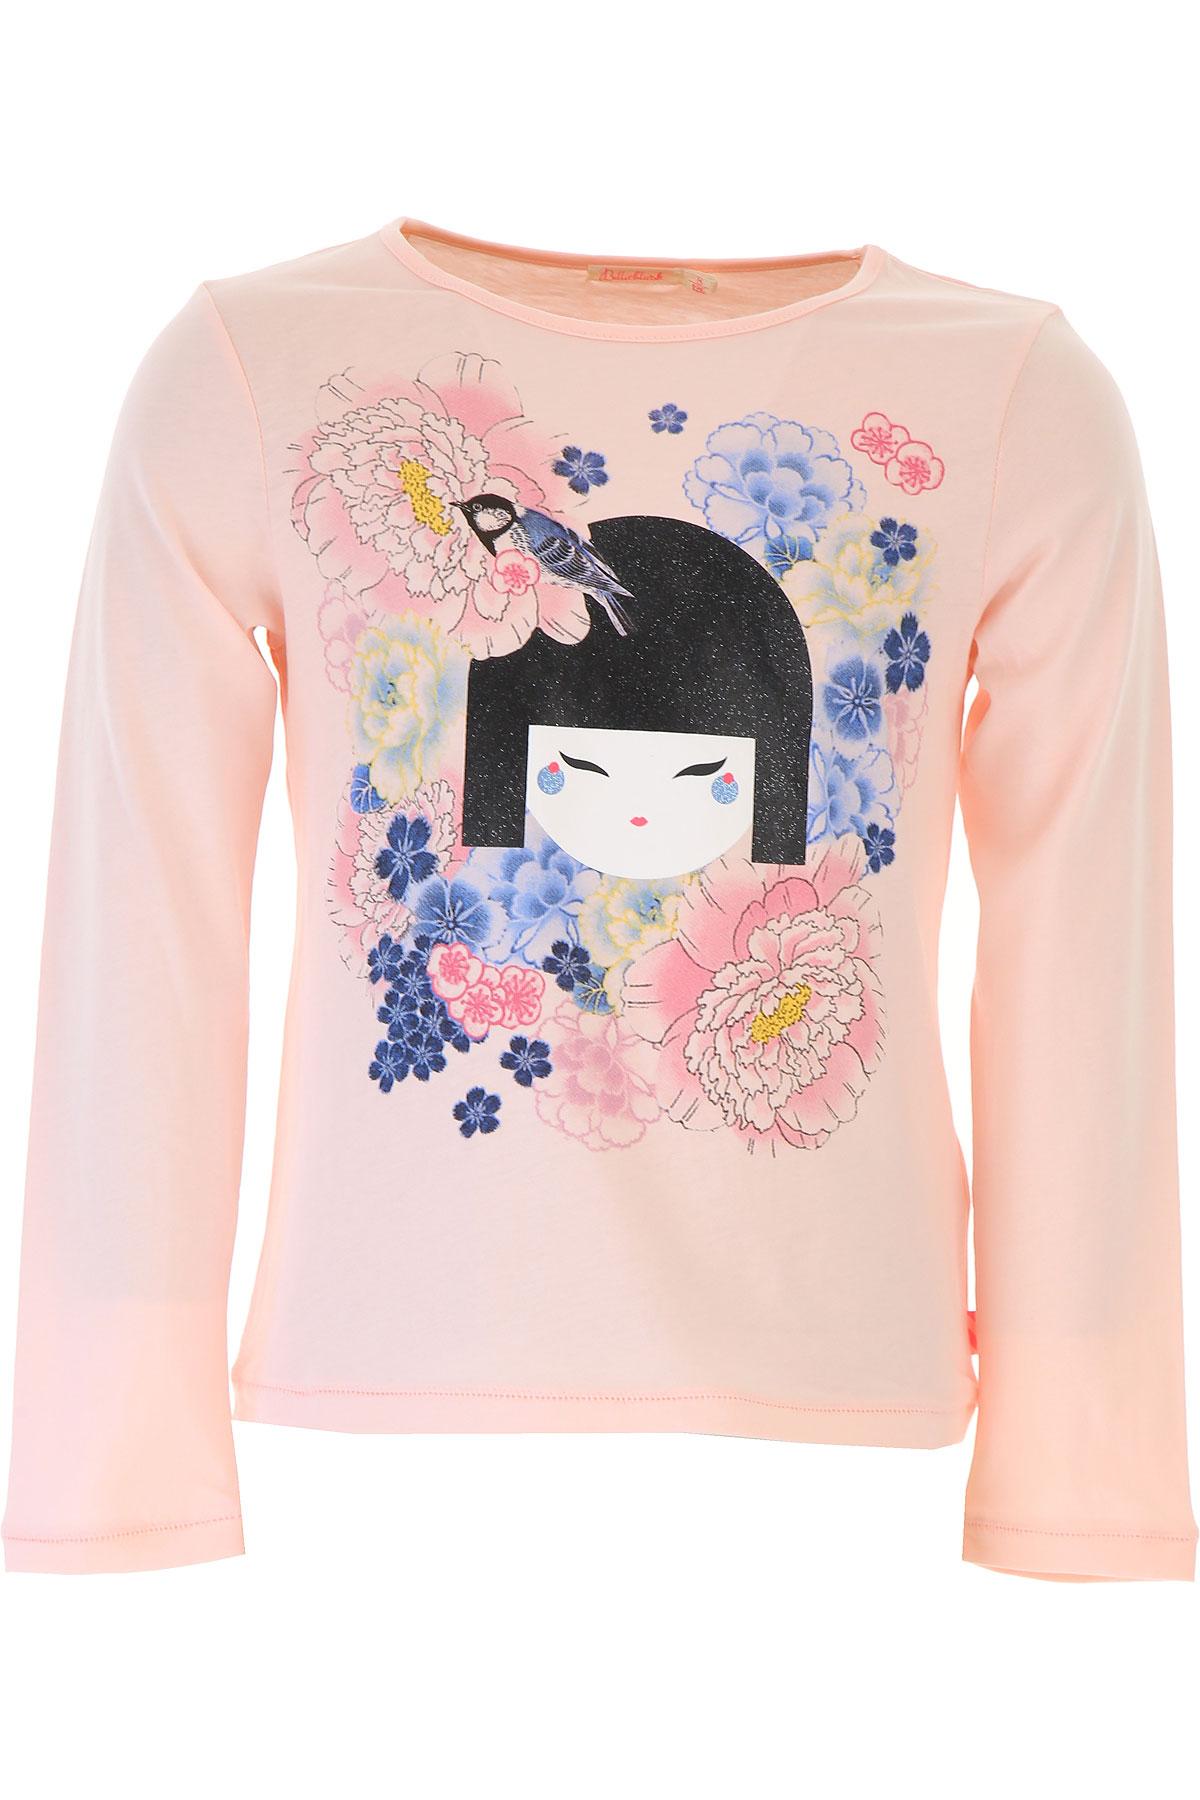 Image of Billieblush Kids T-Shirt for Girls, Pink, Cotton, 2017, 10Y 2Y 4Y 5Y 6Y 8Y